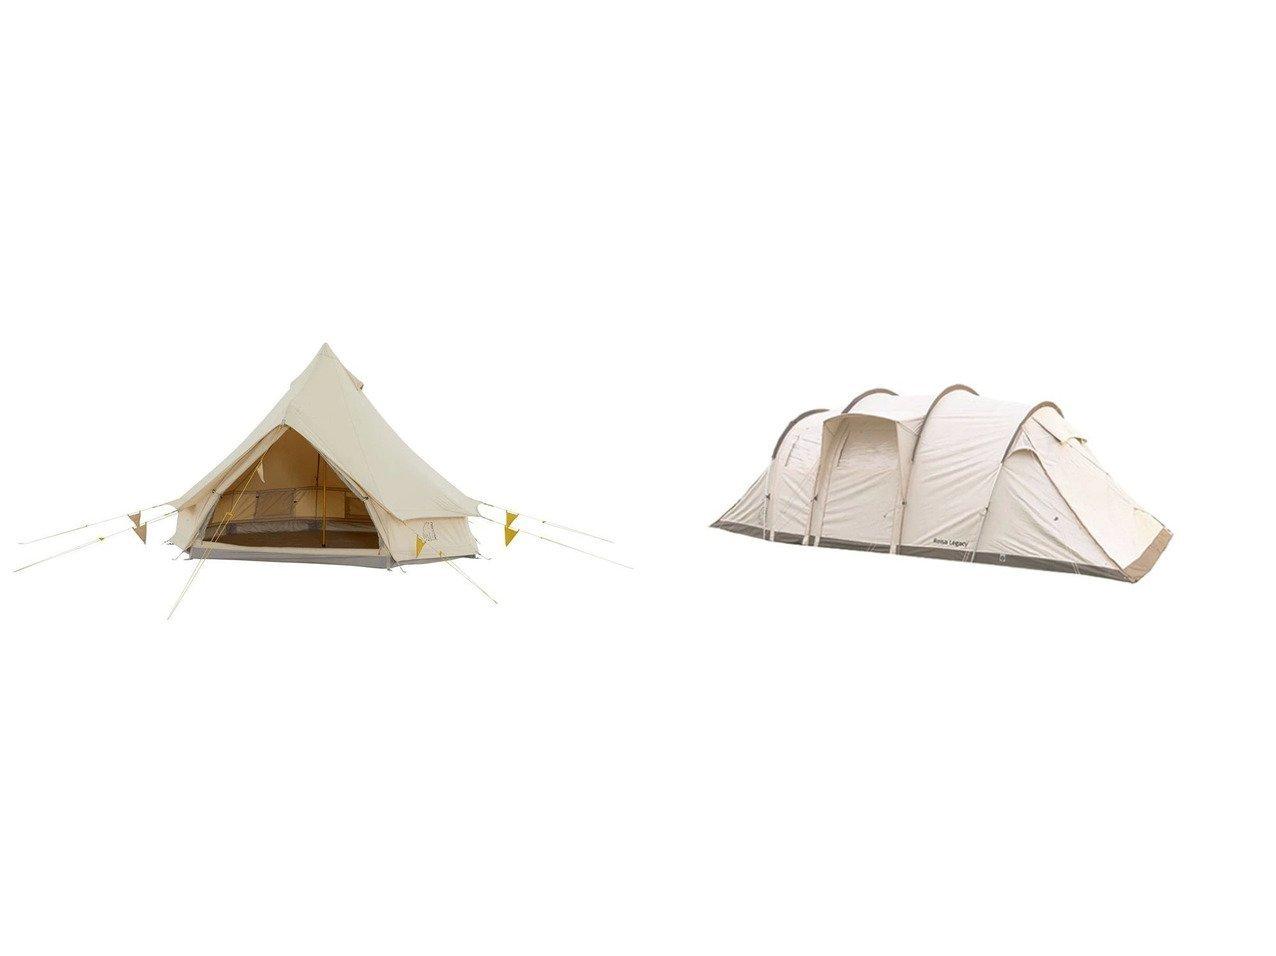 【Nordisk/ノルディスク】のファミリーテント ドーム Asgard Tech Mini 148055&ファミリーテント 2ルーム レイサ6 レガシー 142025 おすすめ!人気キャンプ・アウトドア用品の通販 おすすめ人気トレンドファッション通販アイテム インテリア・キッズ・メンズ・レディースファッション・服の通販 founy(ファニー)  軽量 インナー センター ホーム・キャンプ・アウトドア Home,Garden,Outdoor,Camping Gear キャンプ用品・アウトドア  Camping Gear & Outdoor Supplies テント タープ Tents, Tarp |ID:crp329100000037422